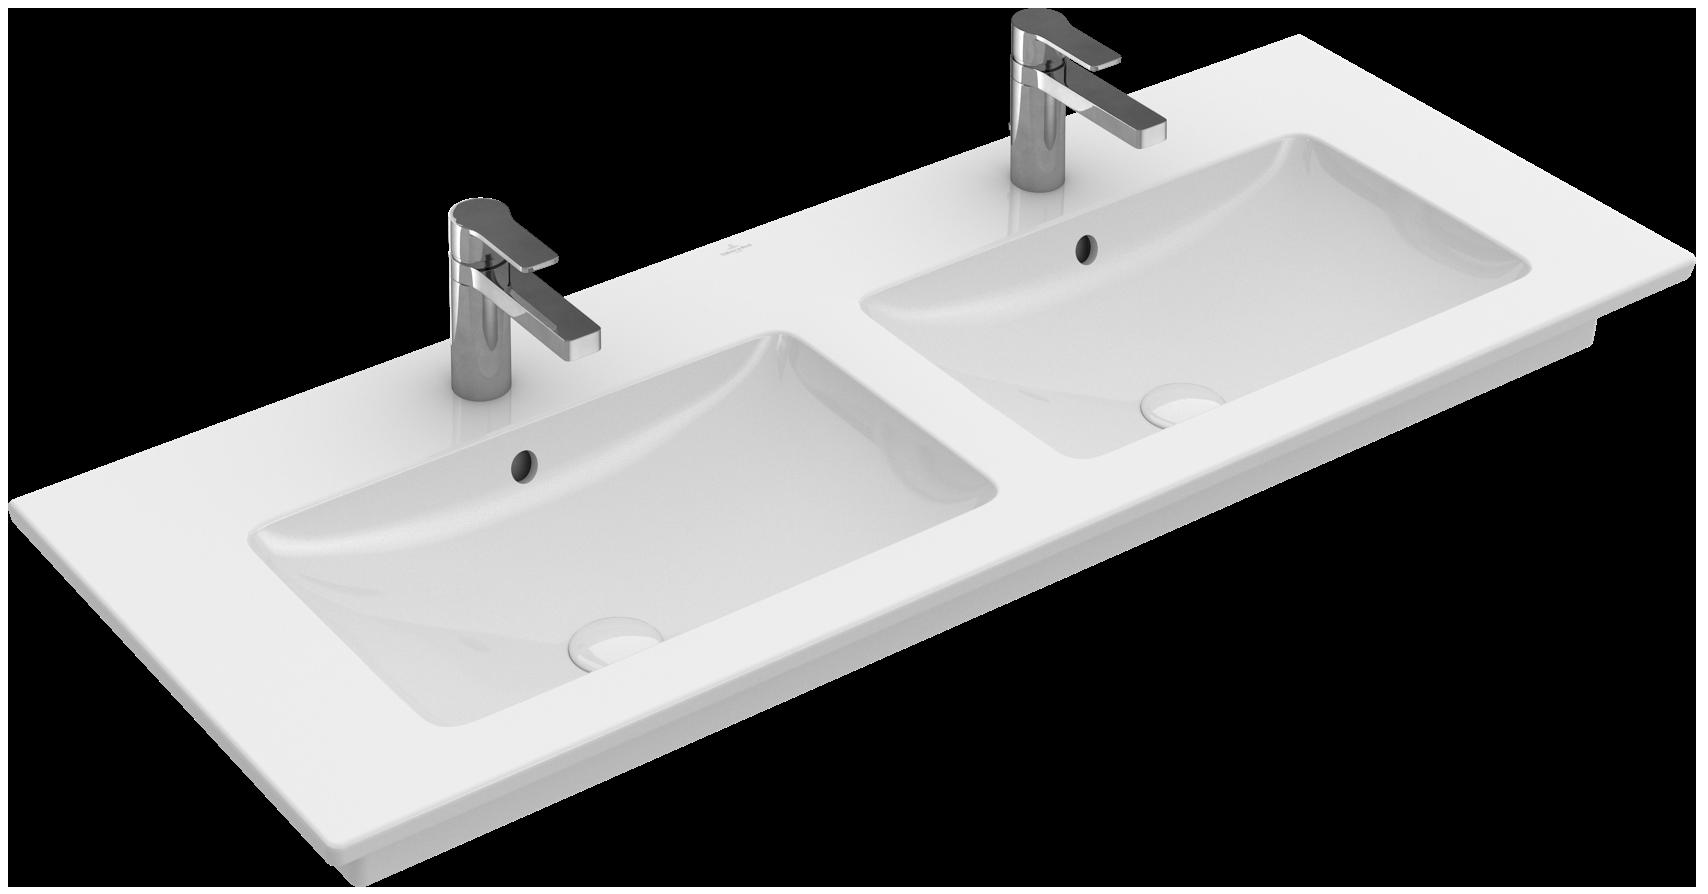 Doppelwaschtisch  Venticello Schrank-Doppelwaschtisch Eckig 4111DG - Villeroy & Boch